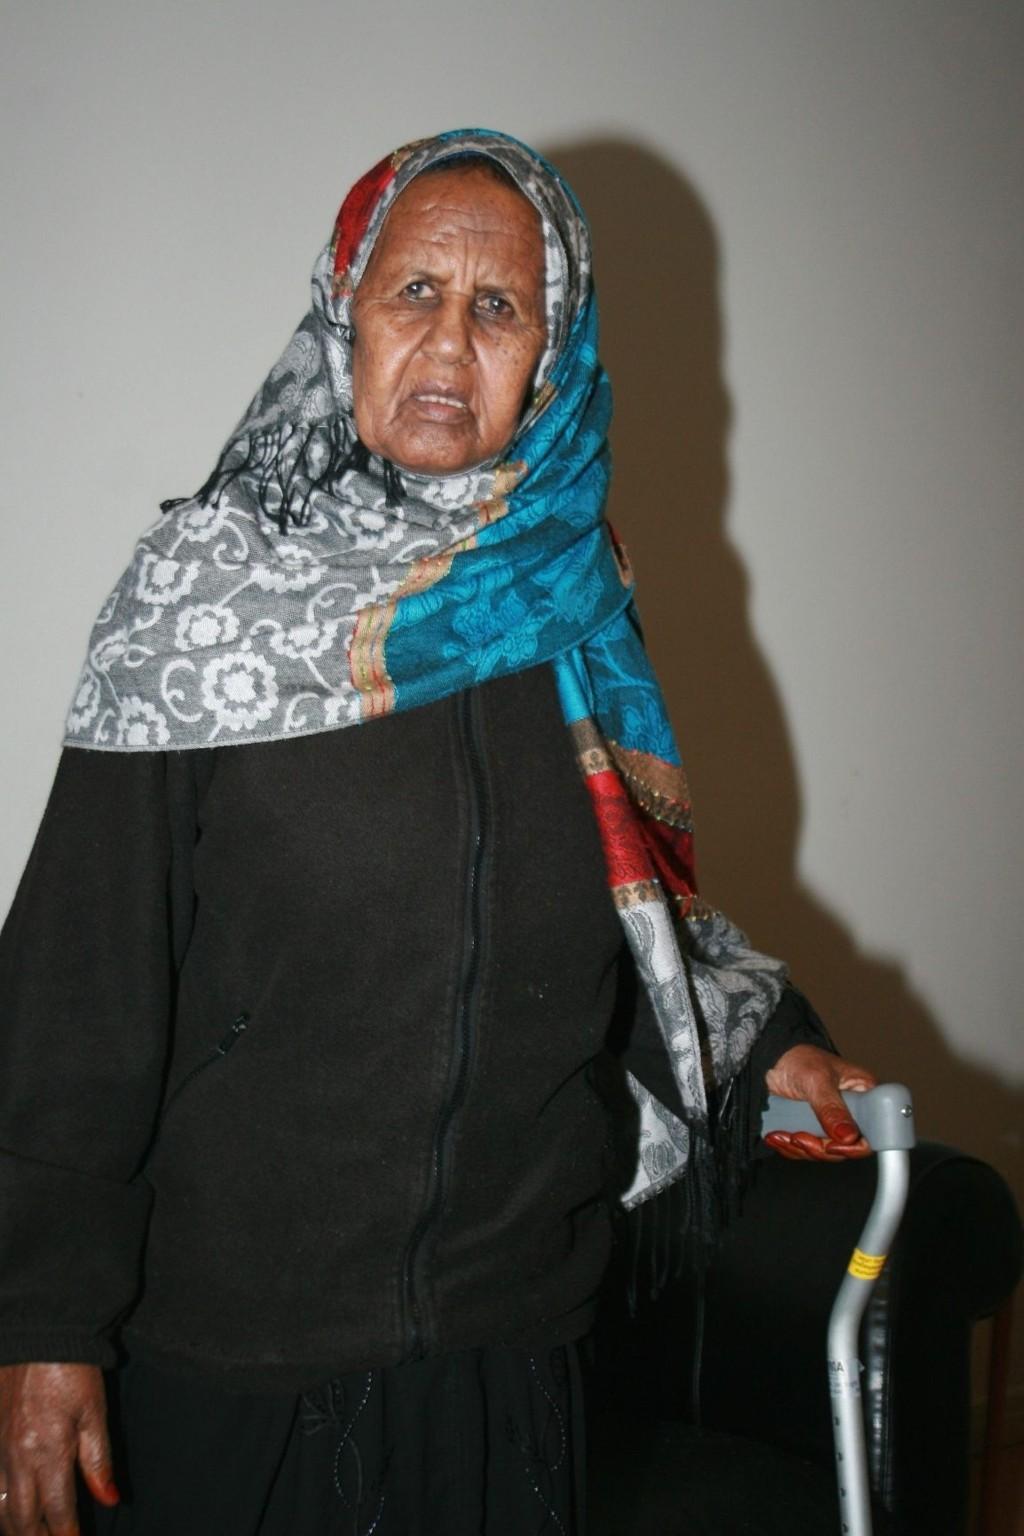 Asha Ahmed Osman (71) venter fortsatt på tillatelse til å få bli i Norge. I mellomtiden må hun bo på rom med en ustabil og psykisk syk kvinne som har truet henne.